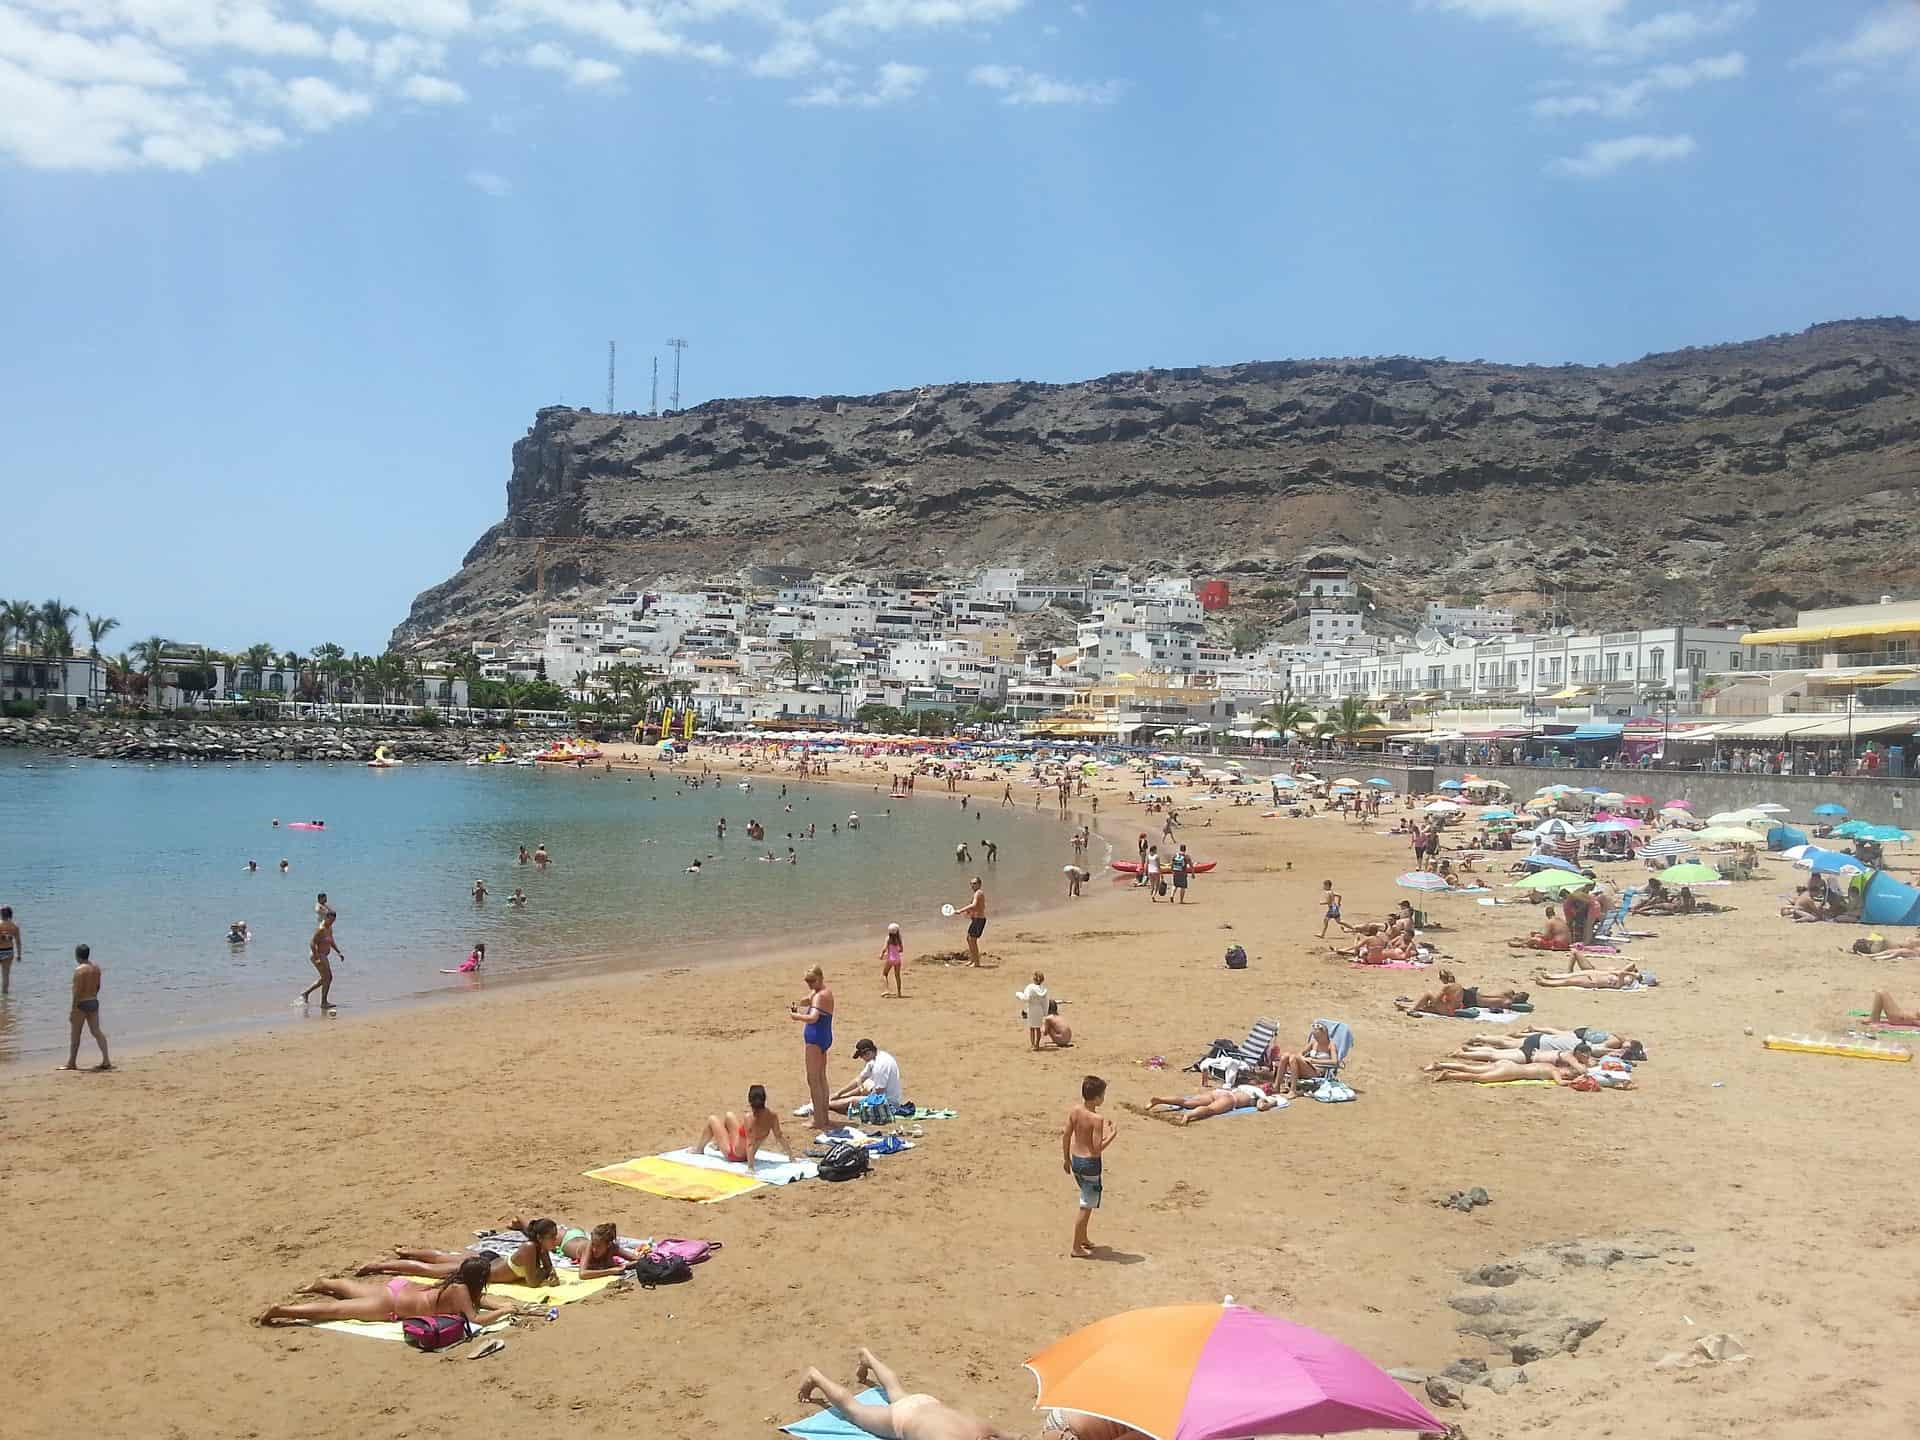 Puerto de Moga- wenn Familienurlaub dann hier